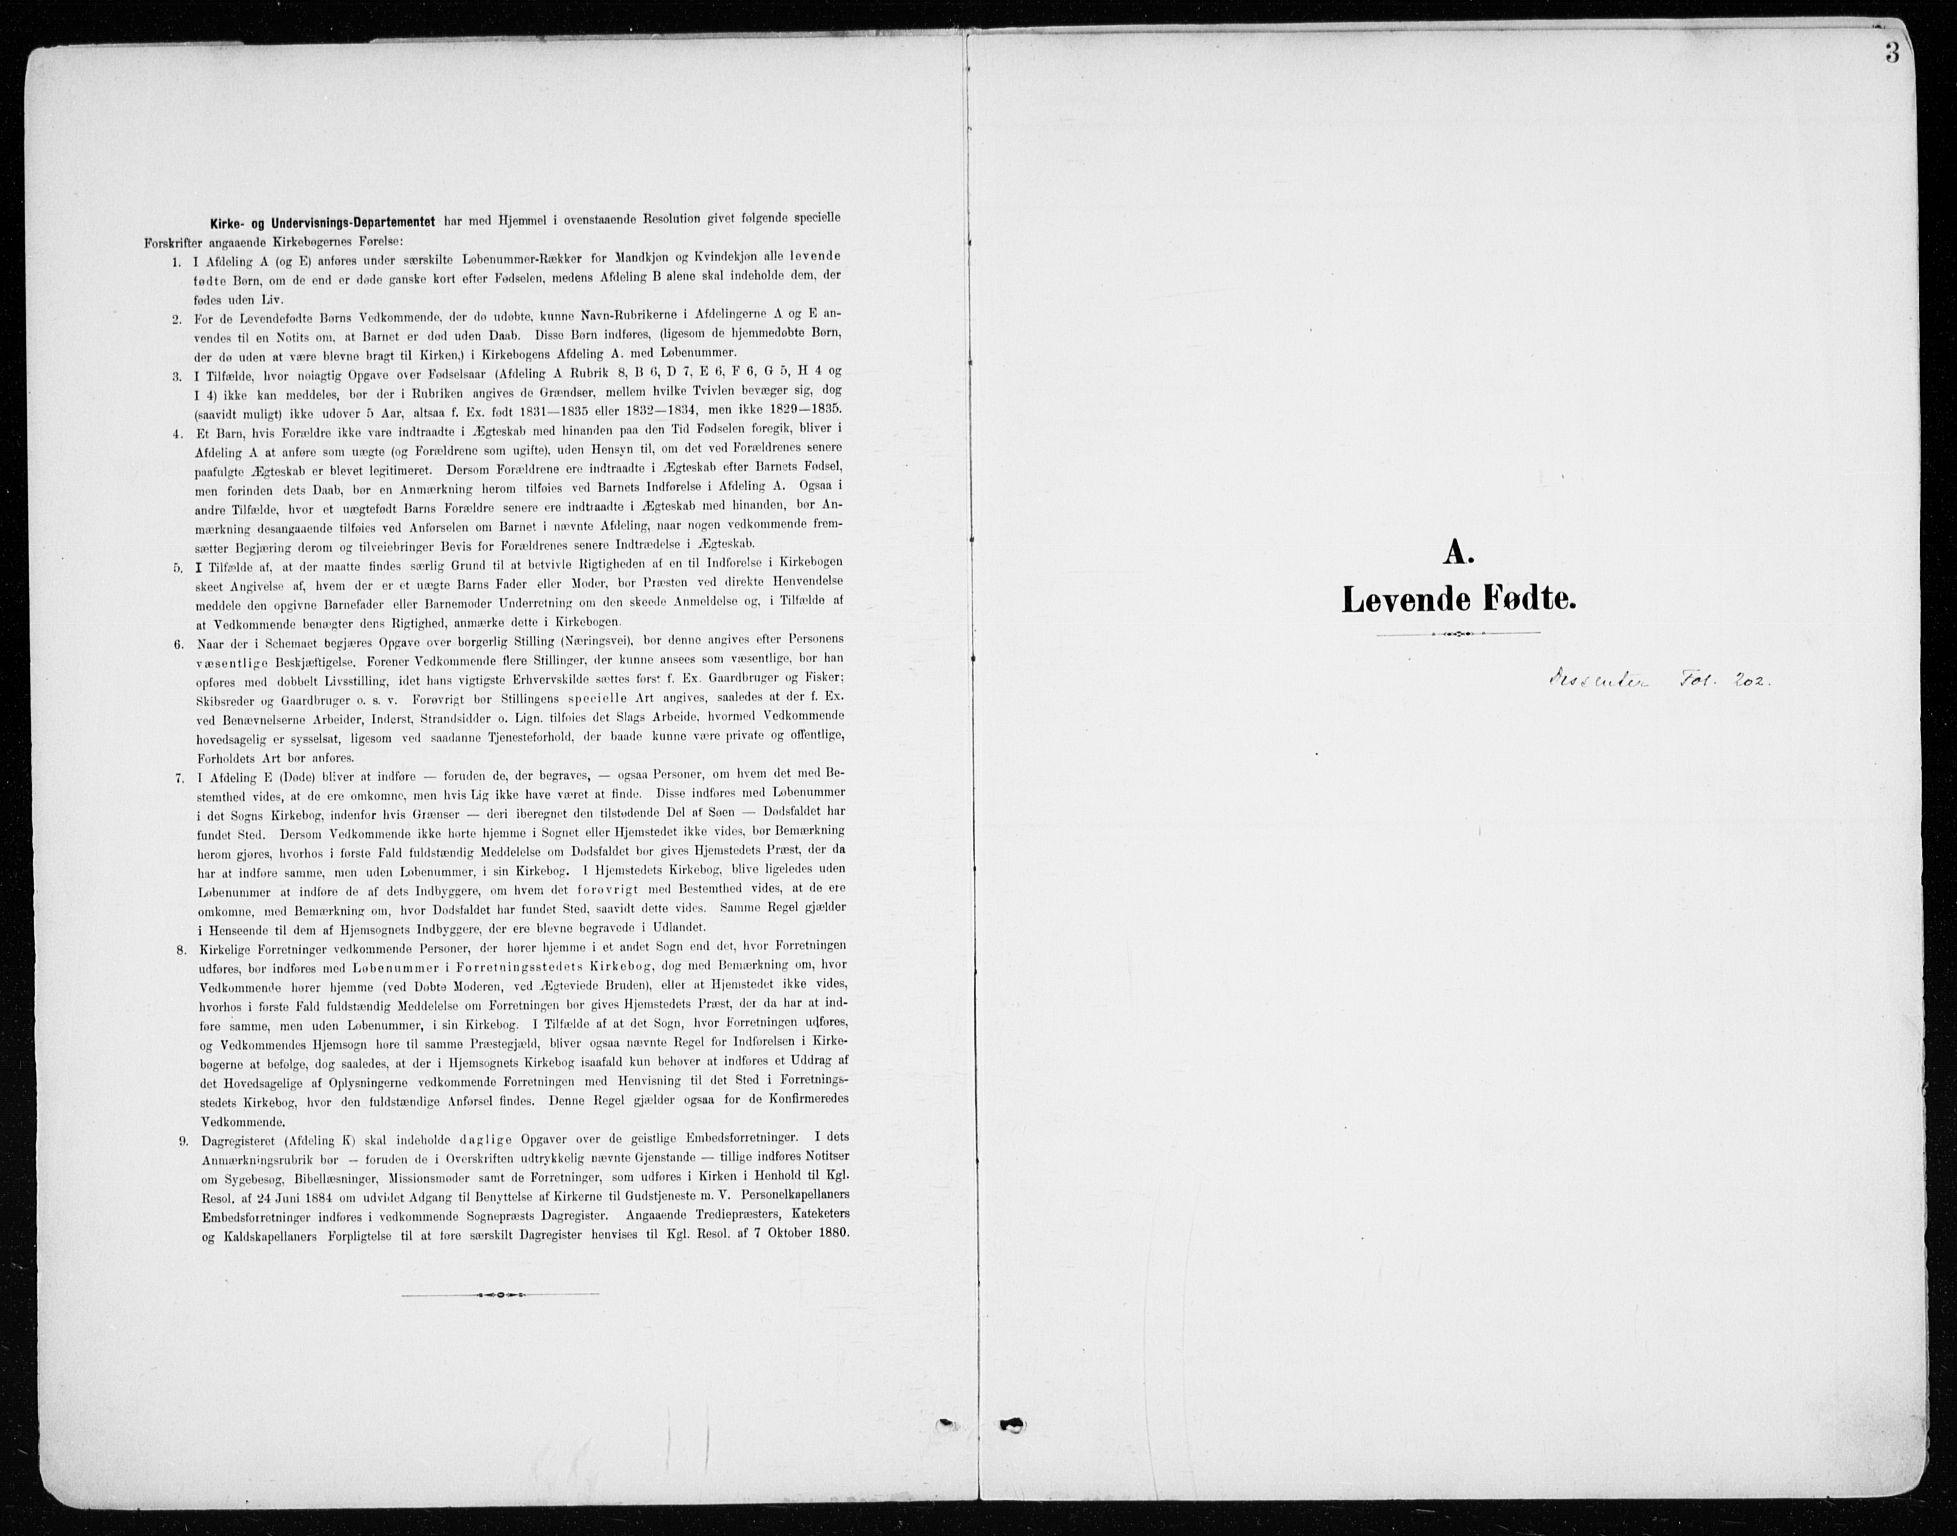 SAH, Vang prestekontor, Hedmark, H/Ha/Haa/L0021: Ministerialbok nr. 21, 1902-1917, s. 3